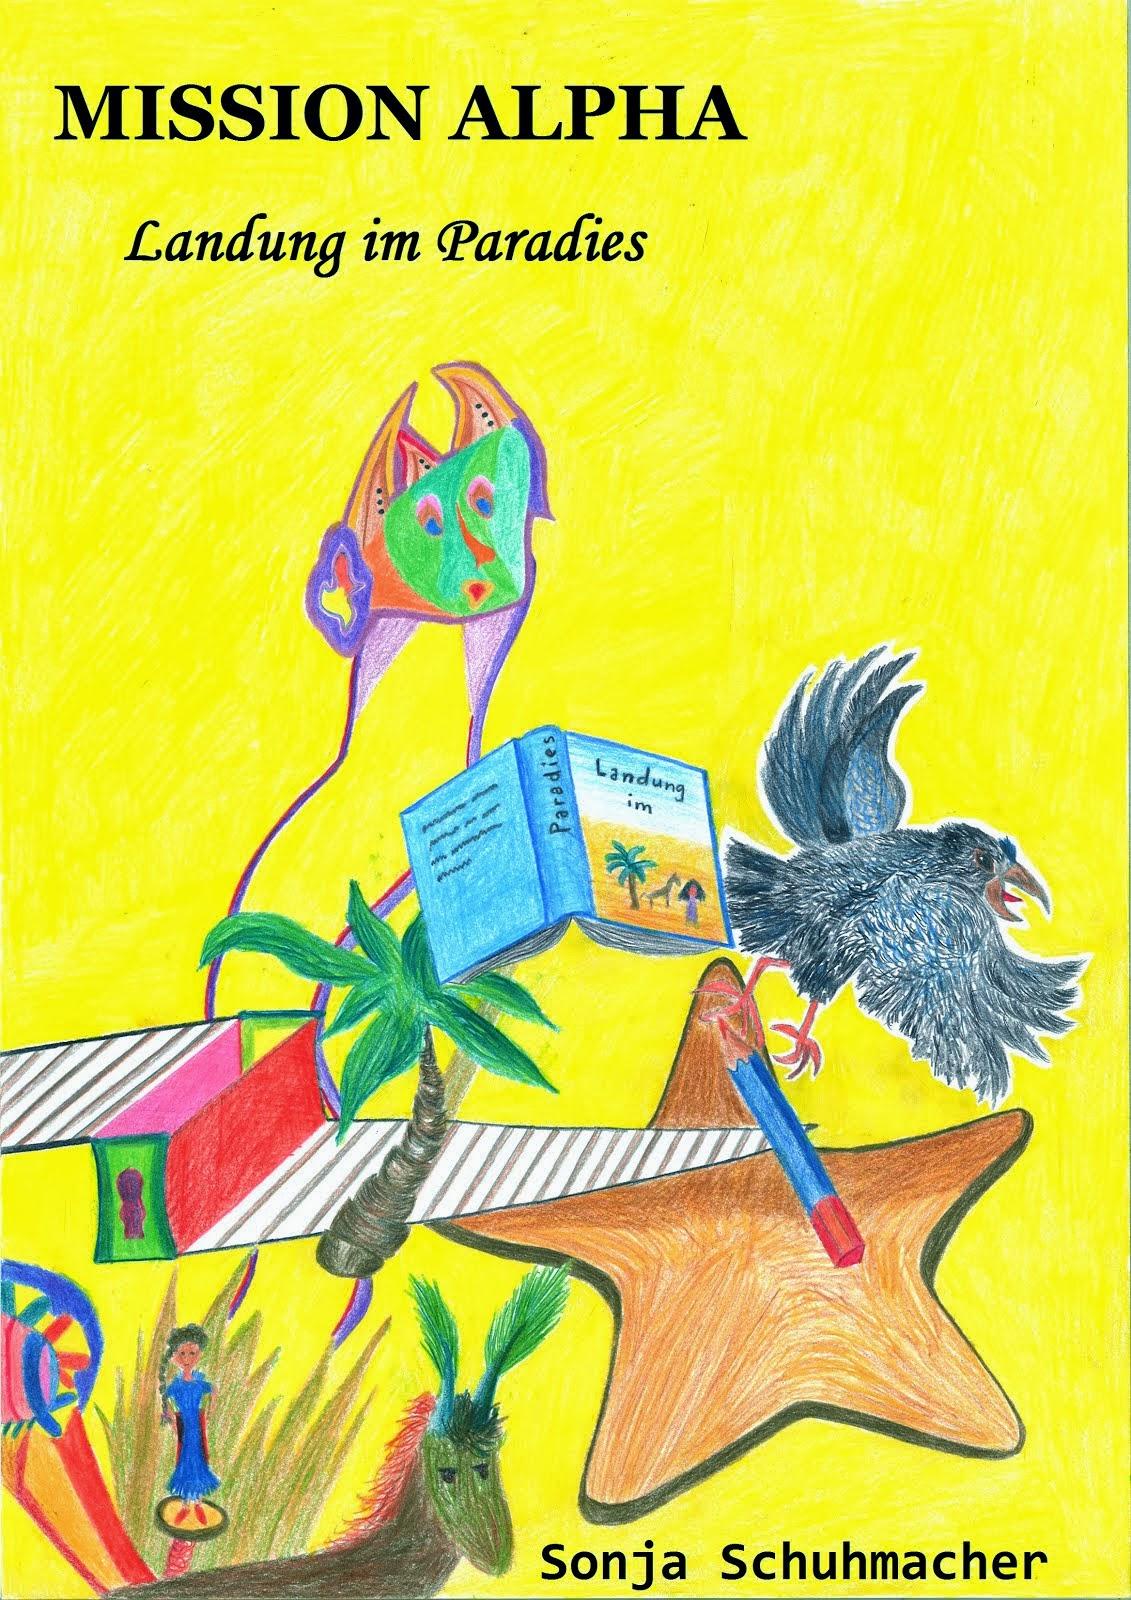 Mission Alpha: Landung im Paradies - ein Roman von Sonja Schuhmacher